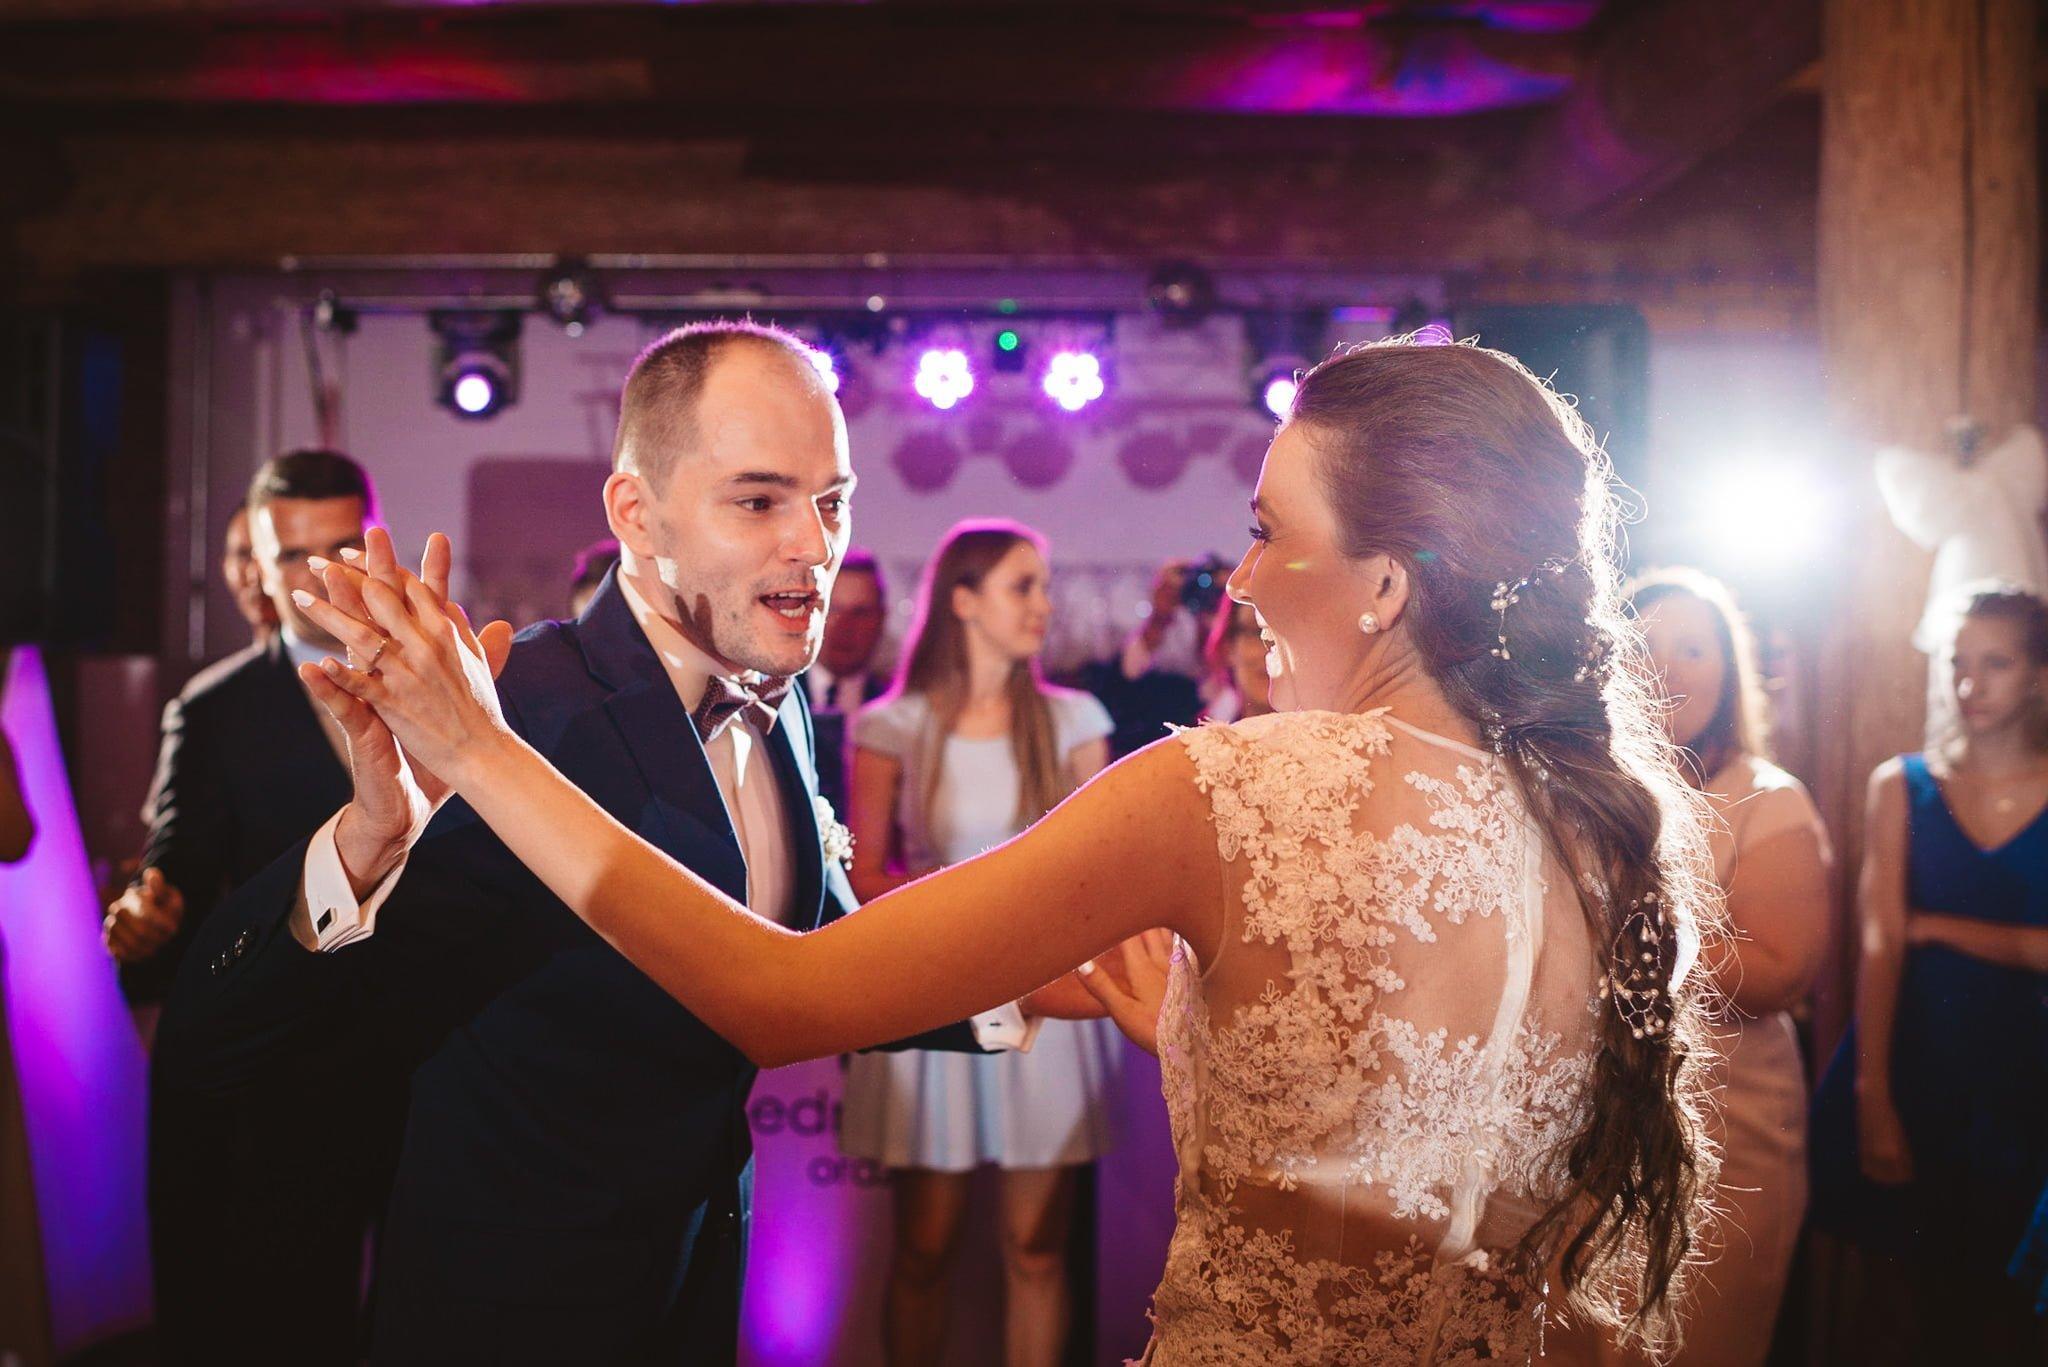 Ala i Arek, czyli jak zorganizować ślub i wesele w 4 tygodnie! 209